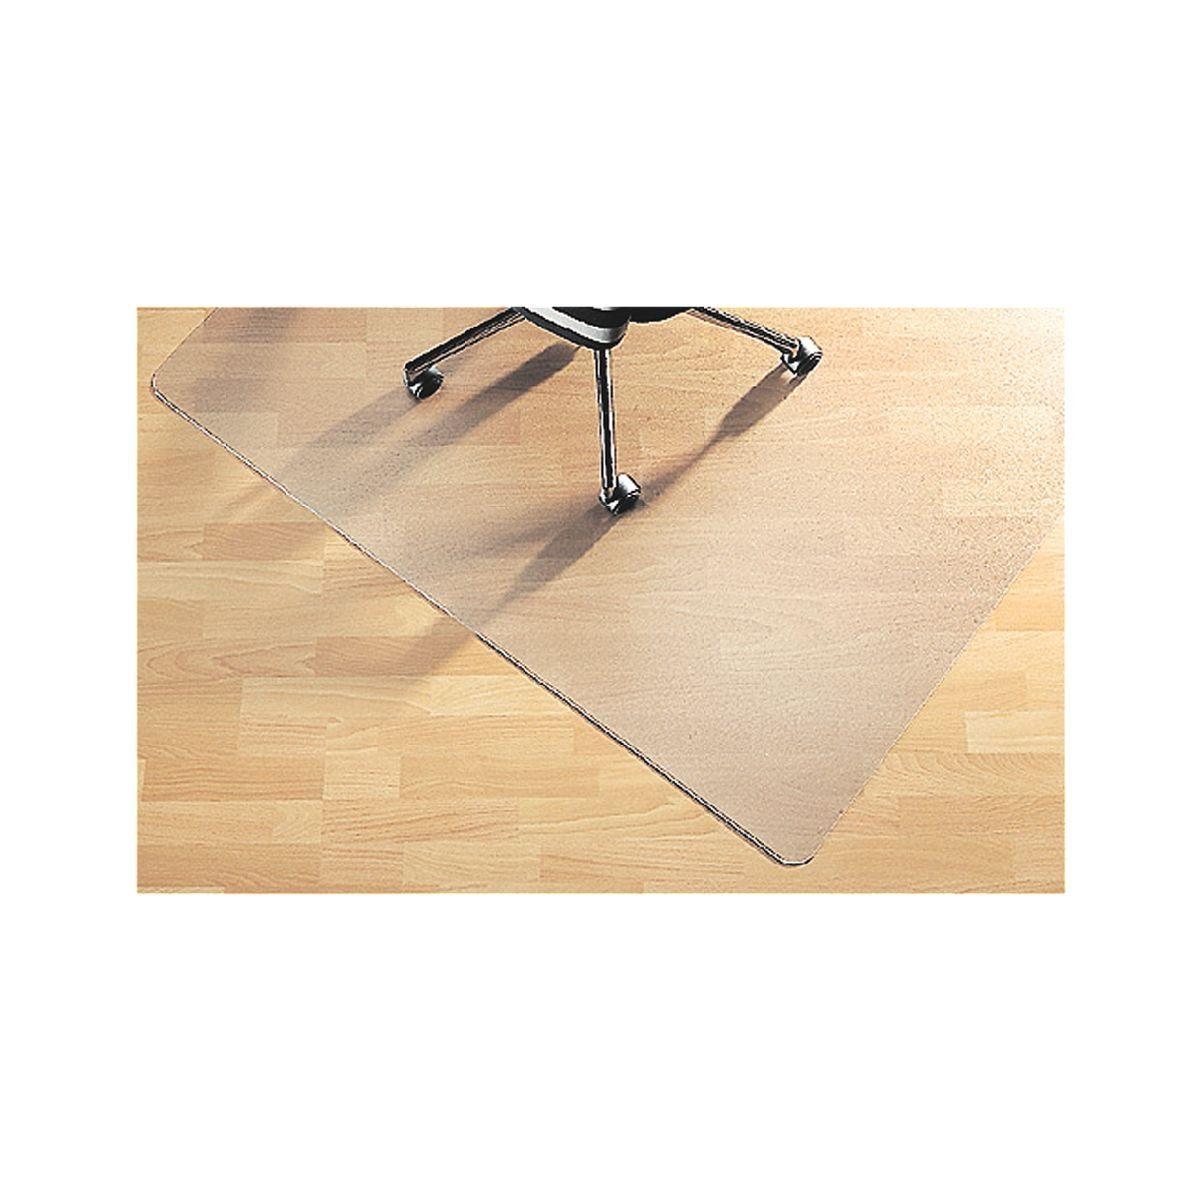 OTTOOFFICE PREMIUM Bodenschutzmatte 120x150 cm, Rechteck mit Lippe, für Har... »Premium«